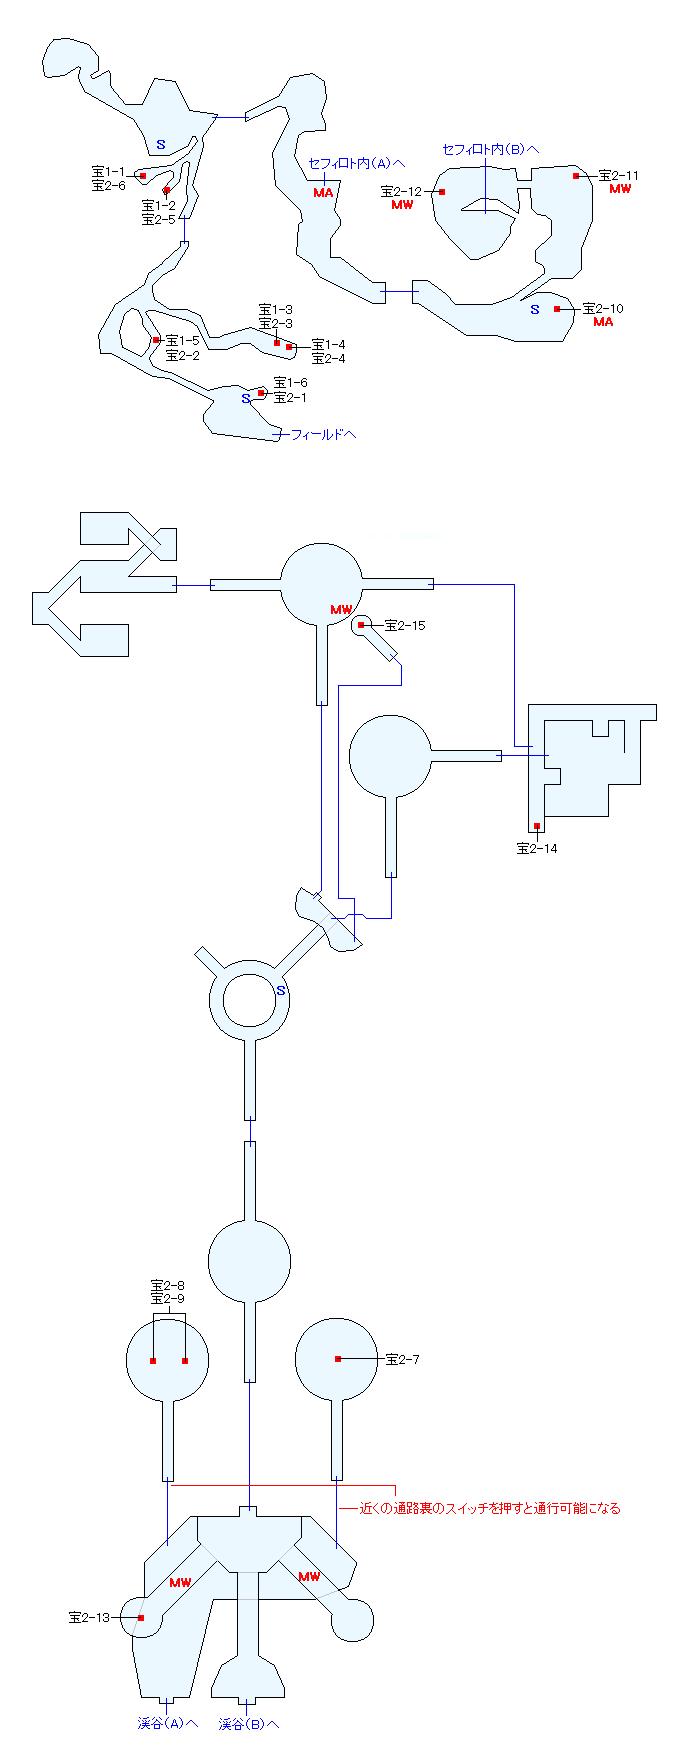 タタル渓谷マップ